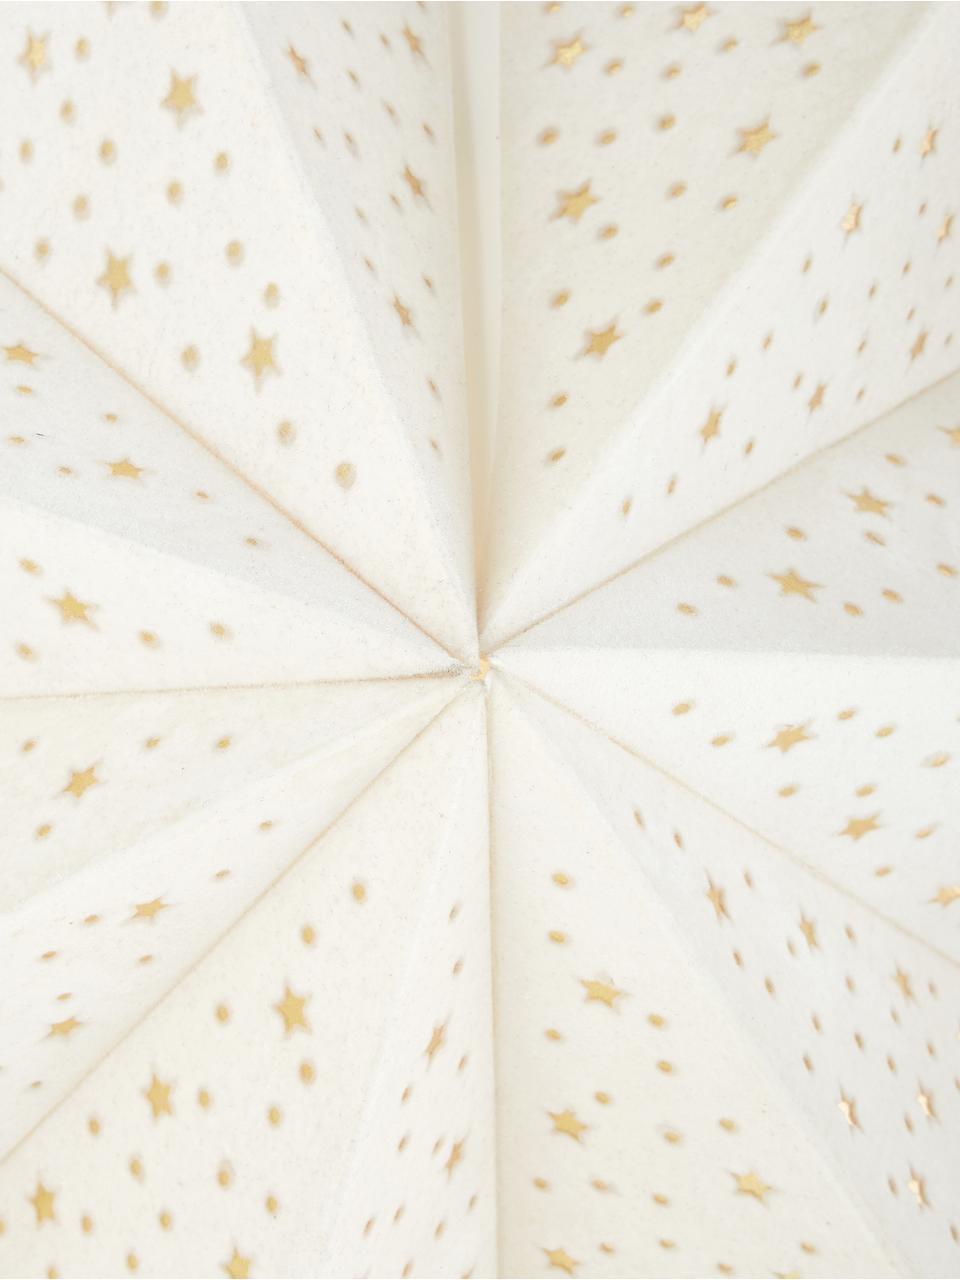 Samt-Weihnachtsstern Orby, Papier, Samt, Cremeweiß, Goldfarben, Ø 75 cm